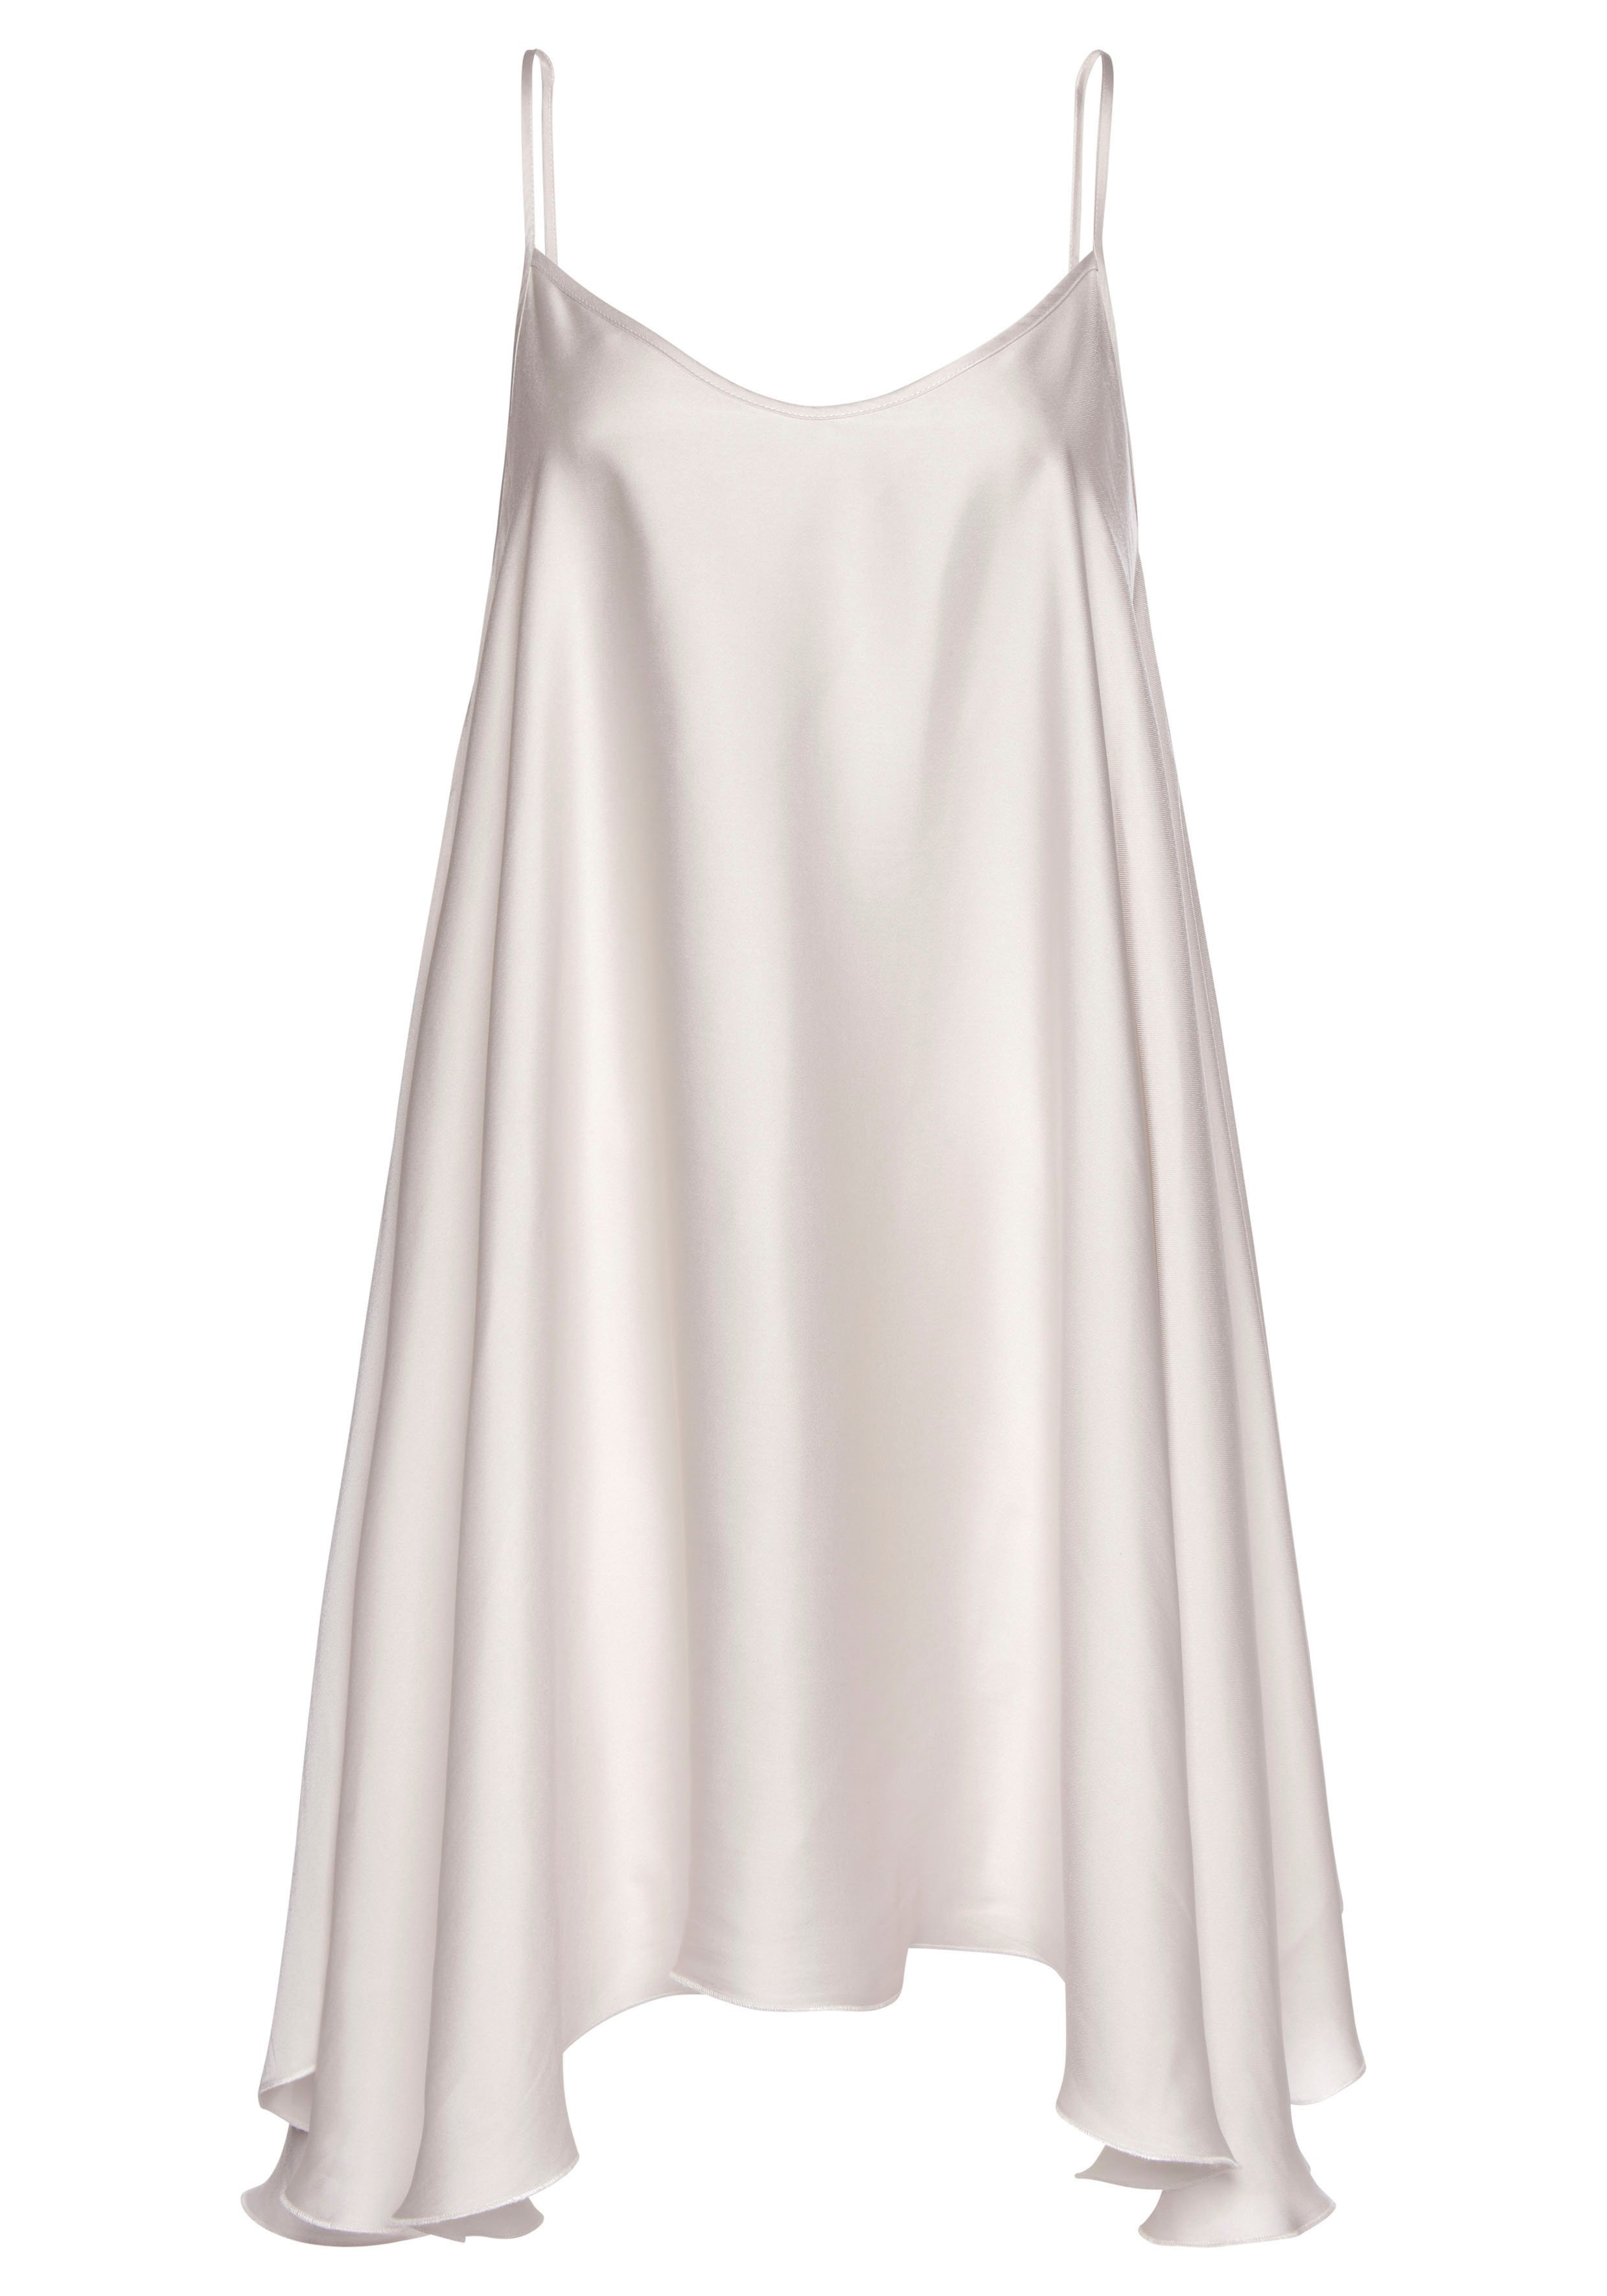 Lascana satijnen jurk met een asymmetrische zoom online kopen op lascana.nl